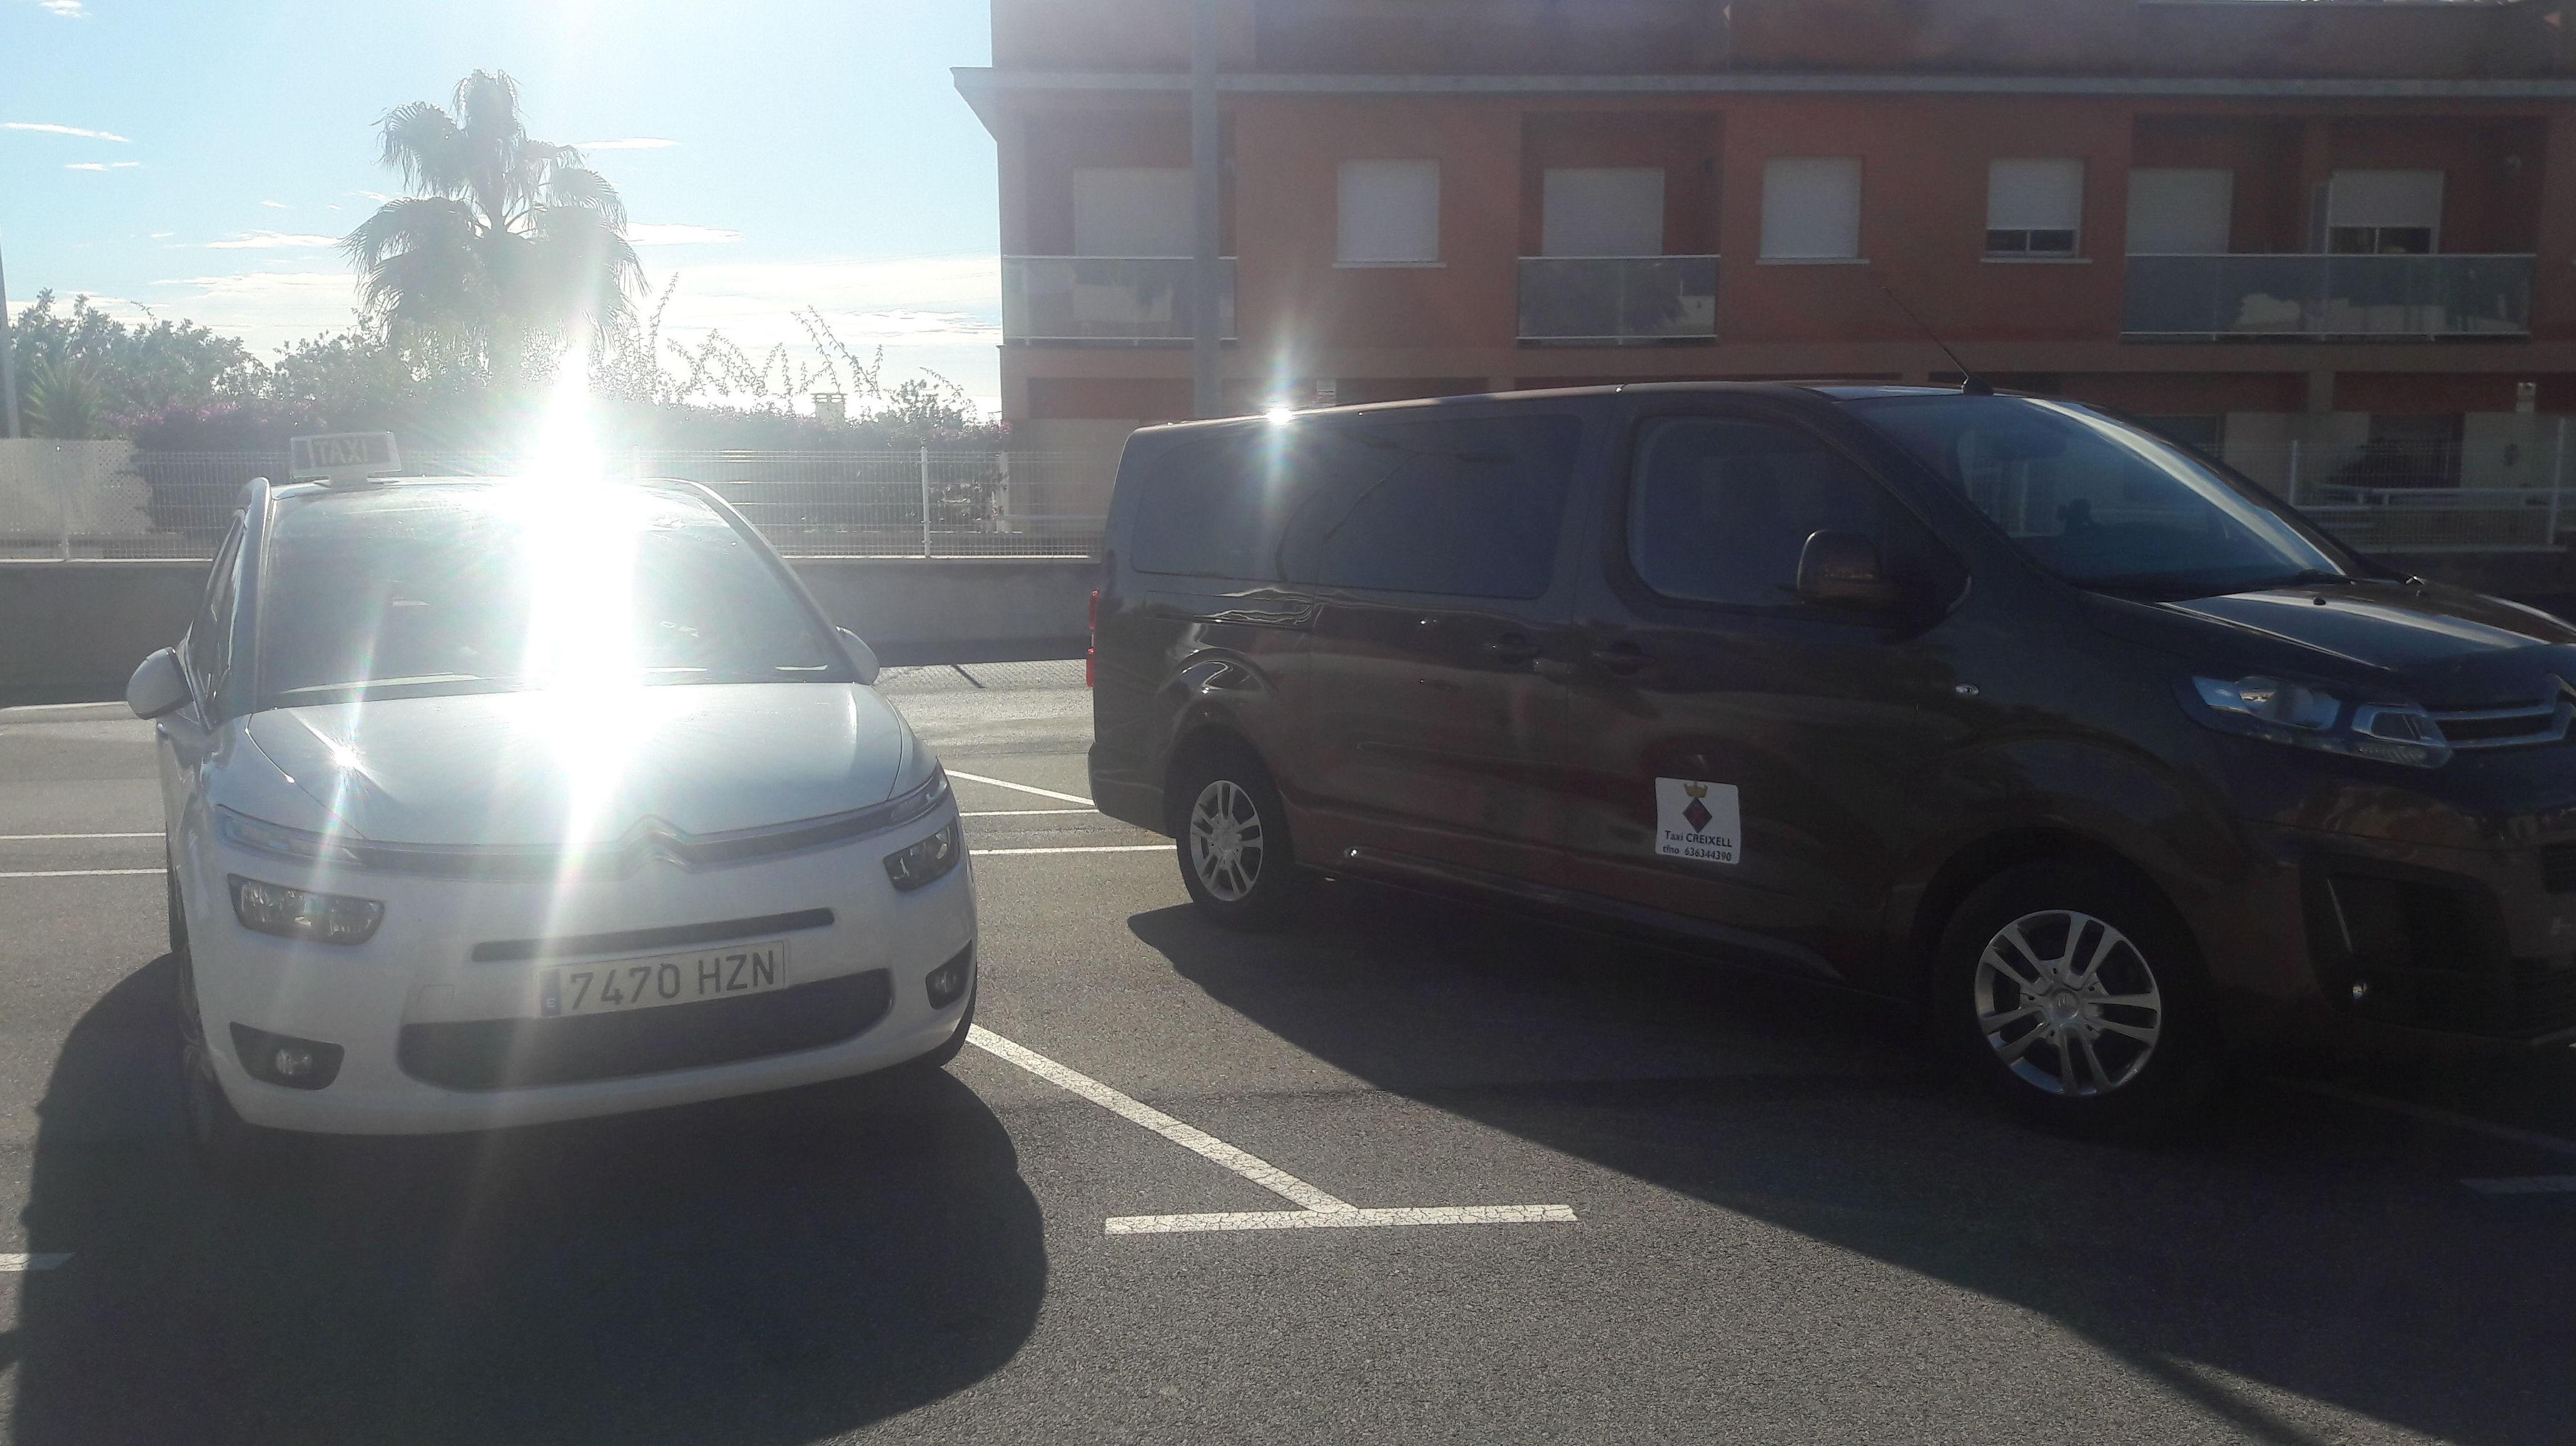 Foto 10 de Taxi service en Creixell | Taxi Creixell